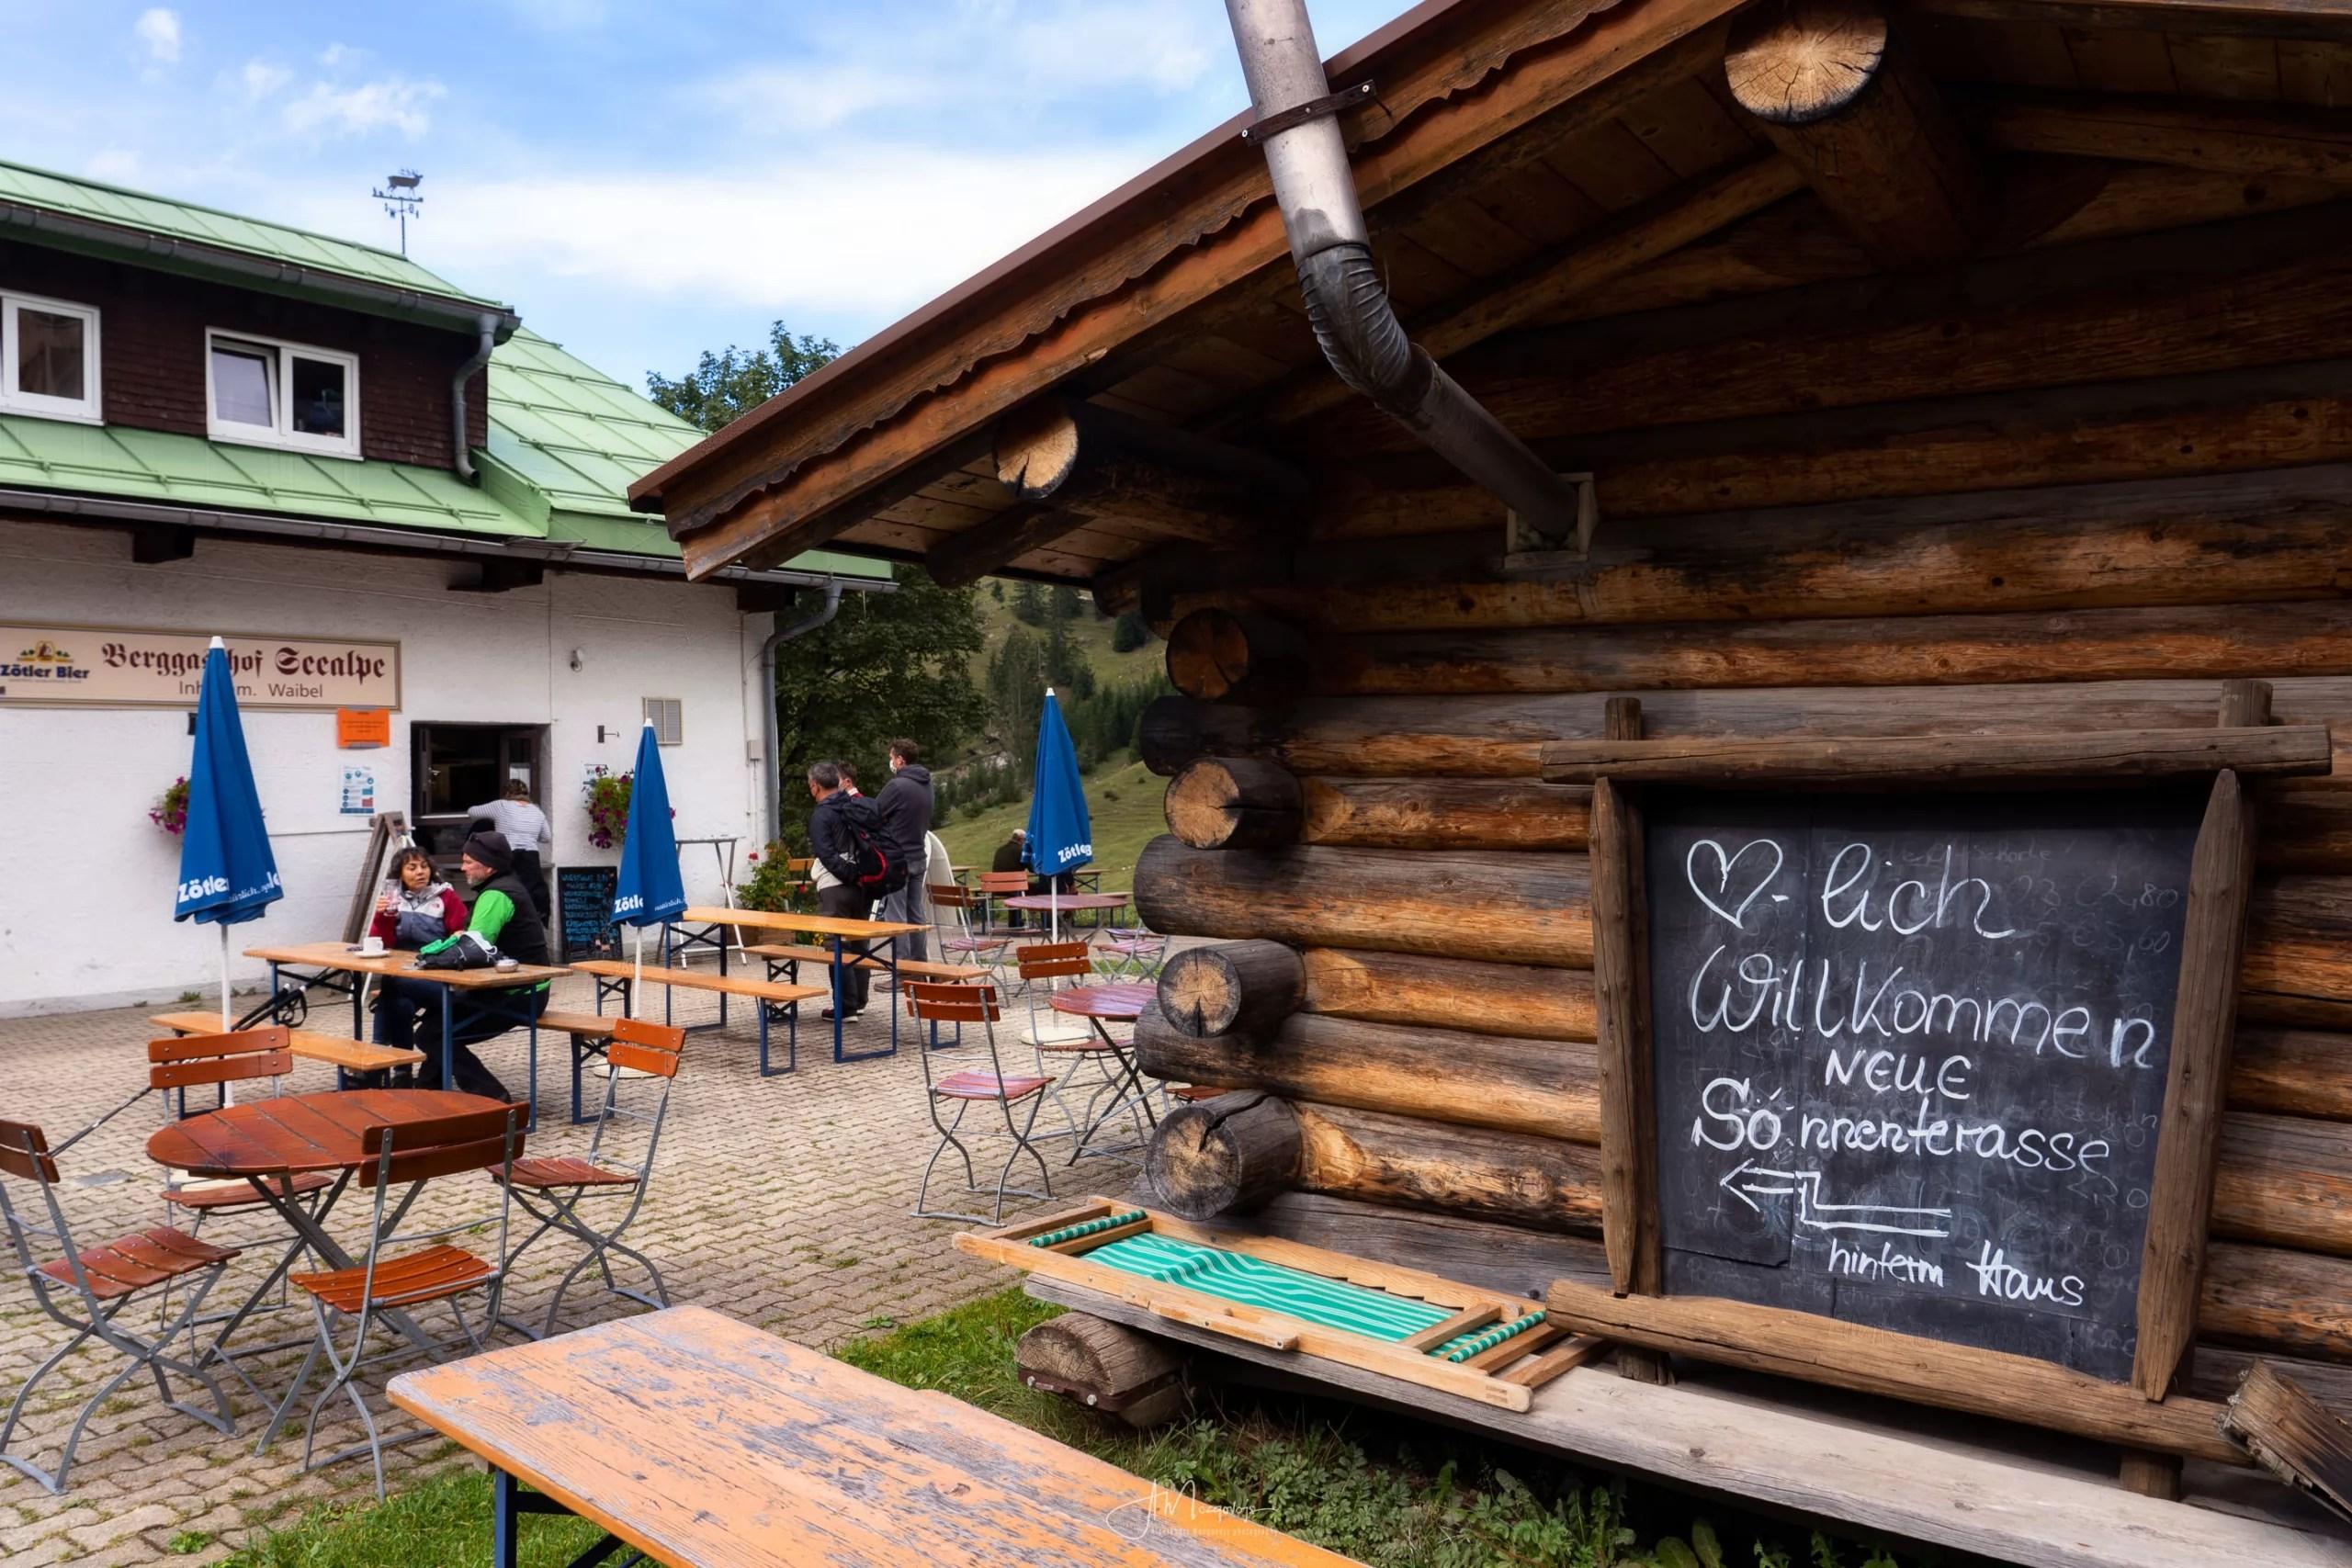 Beer garden at Berggasthof Seealpe